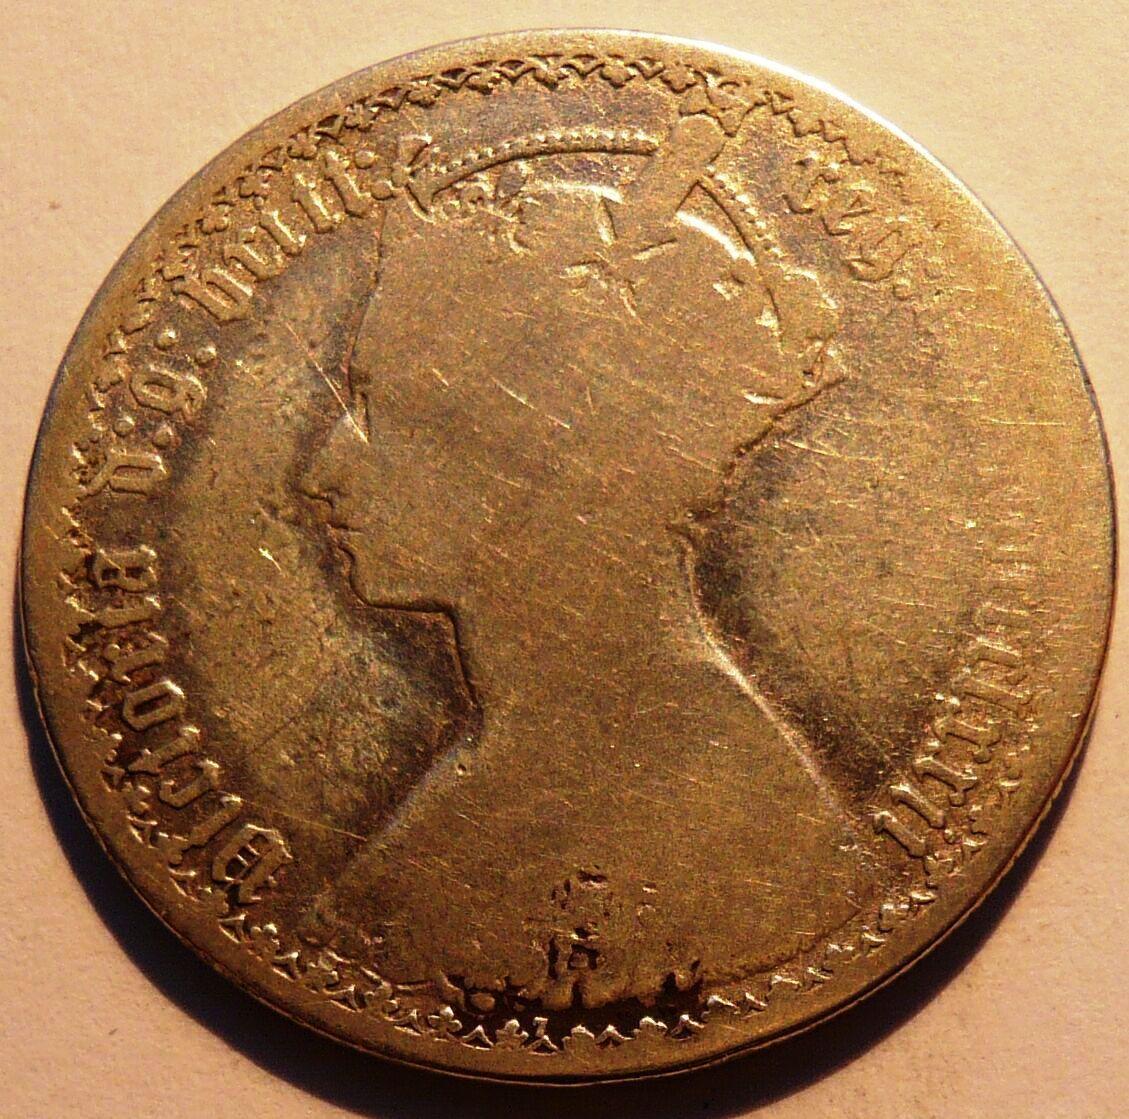 Anglie Florin 1872